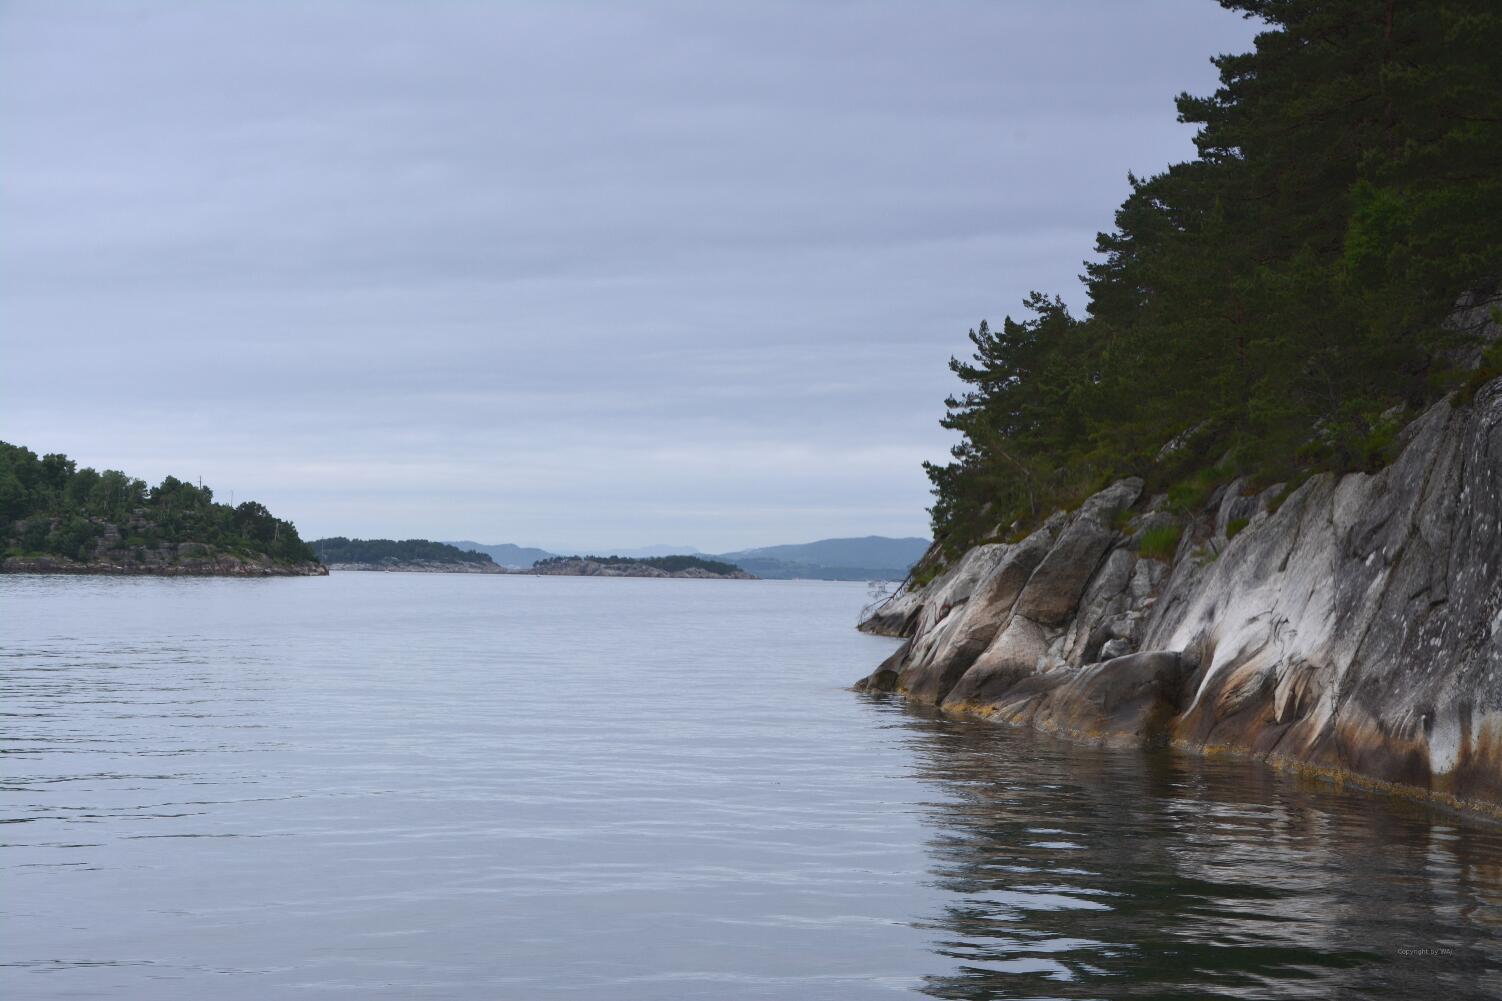 Steil fallen die Felsen in die See